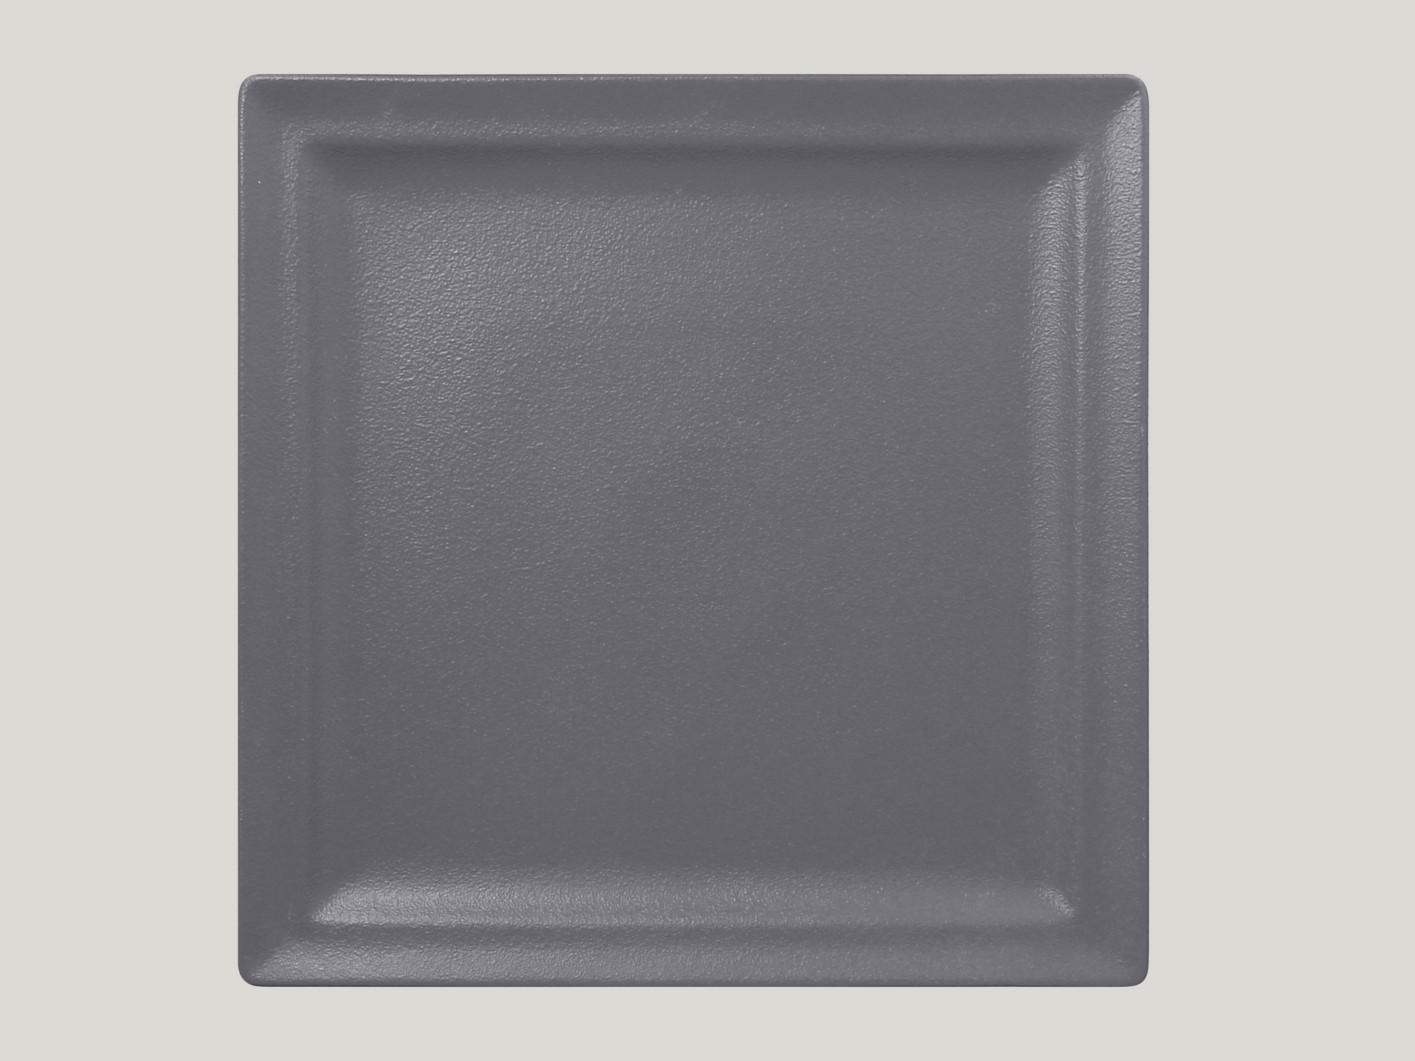 Čtvercový mělký talíř - šedá Neofusion